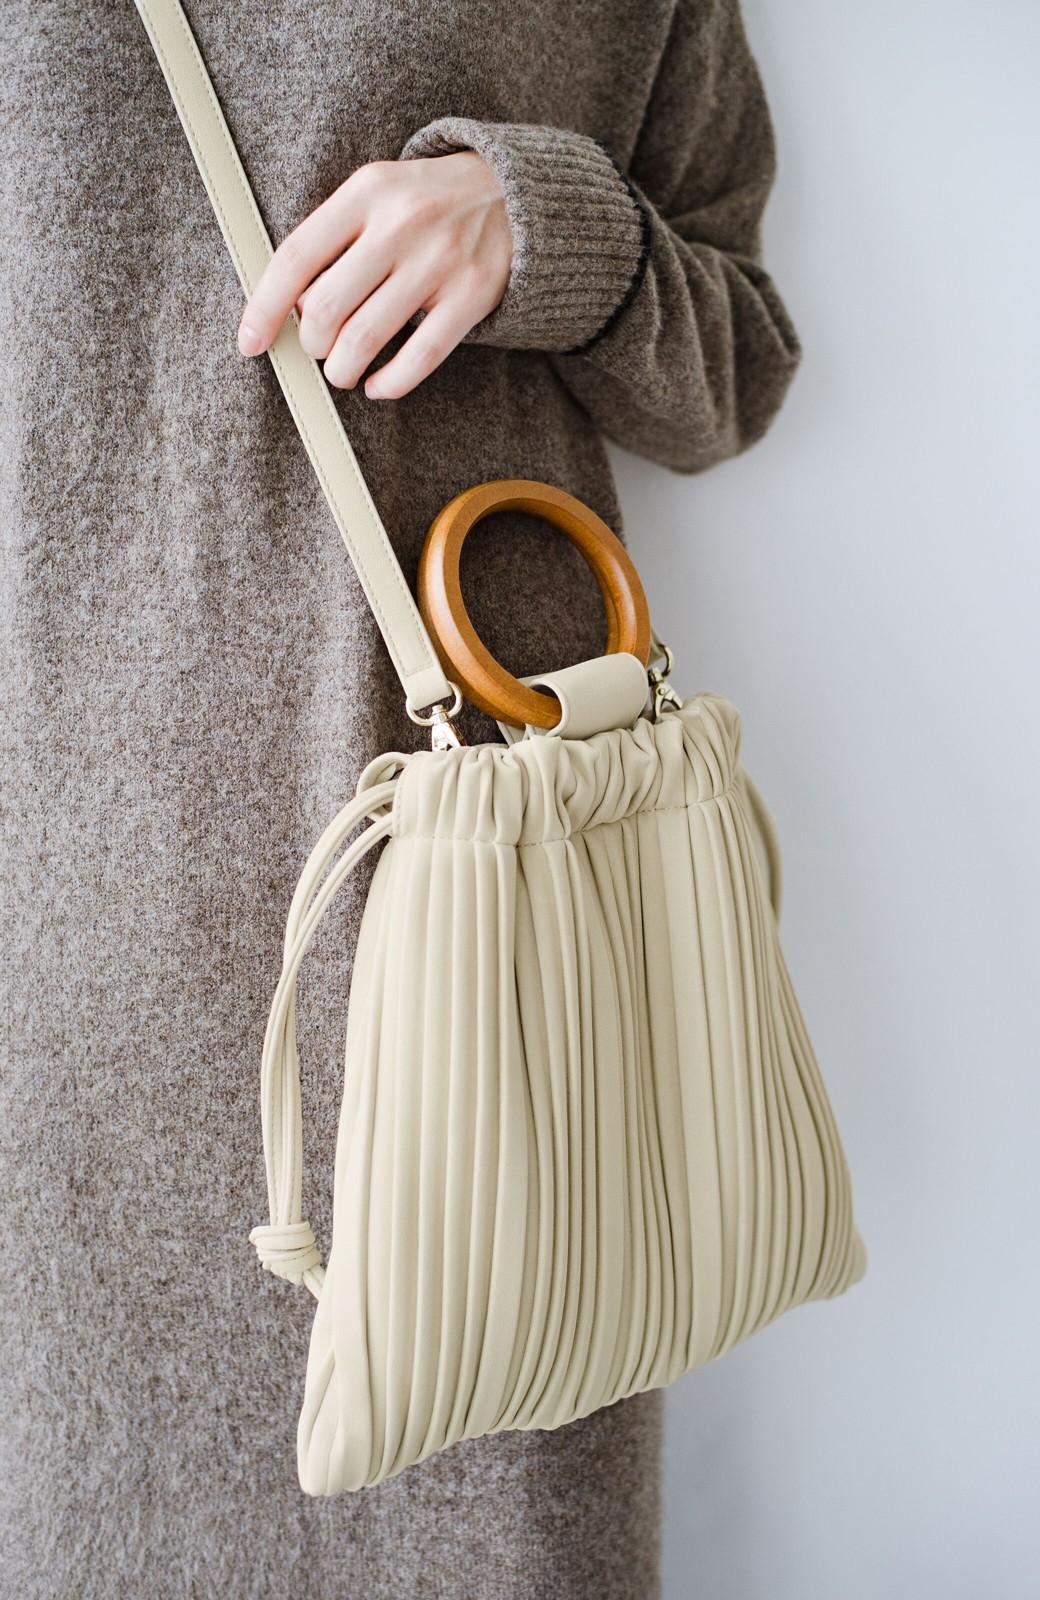 haco! パッと持ってコーデのポイントになる フェイクスエードがやさしい雰囲気の2WAYプリーツバッグ <アイボリー>の商品写真1